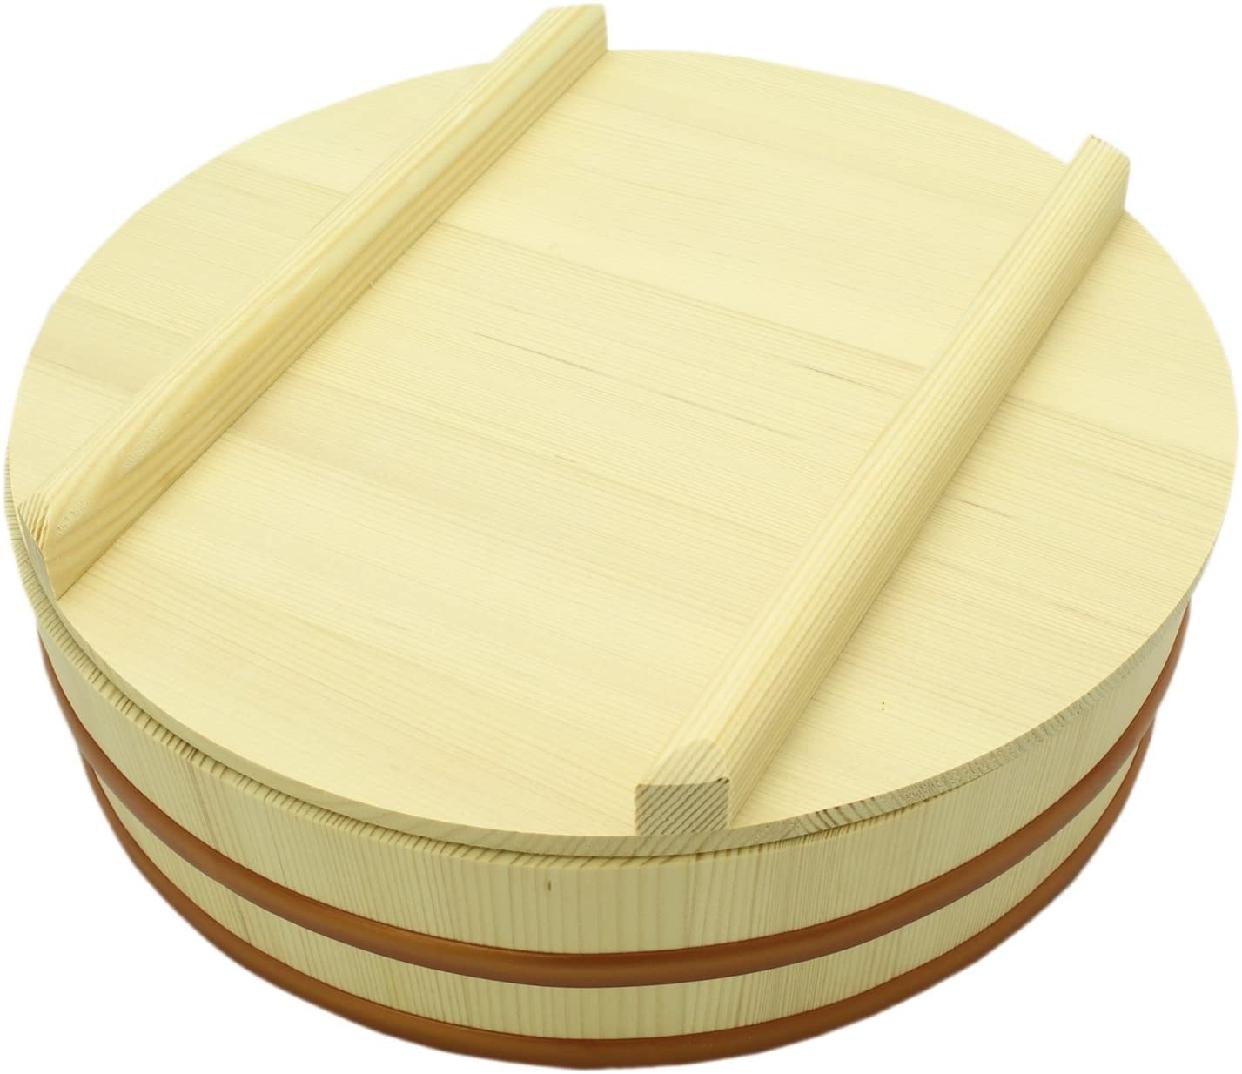 立花容器 寿司桶 27cm 蓋付 SP (容量約3合)の商品画像